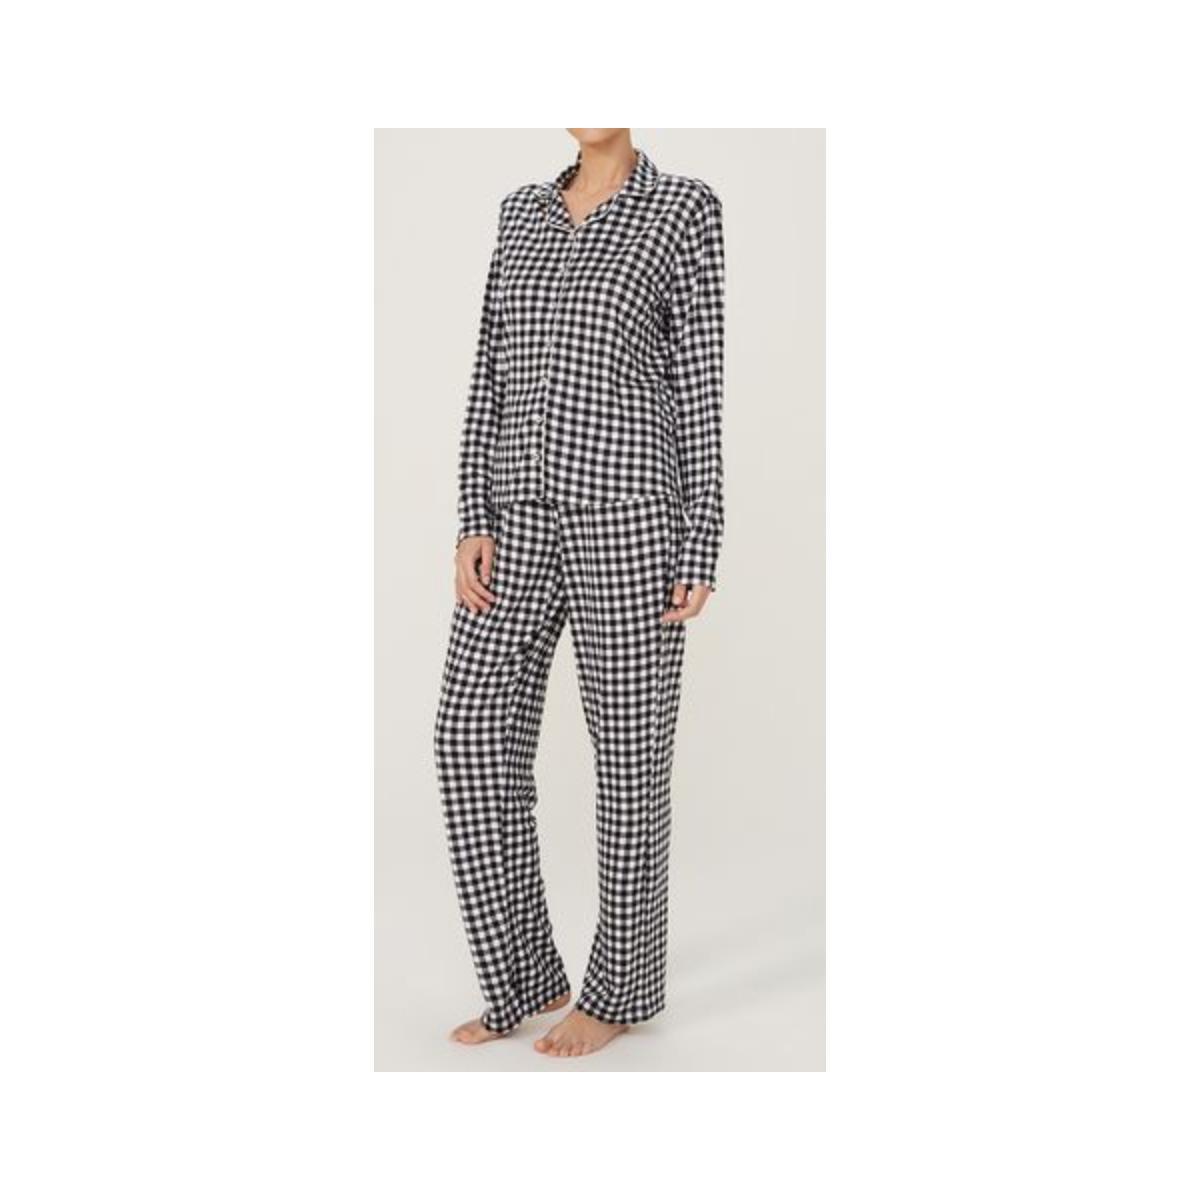 Pijama Feminina Hering 7cek 1den Preto/branco